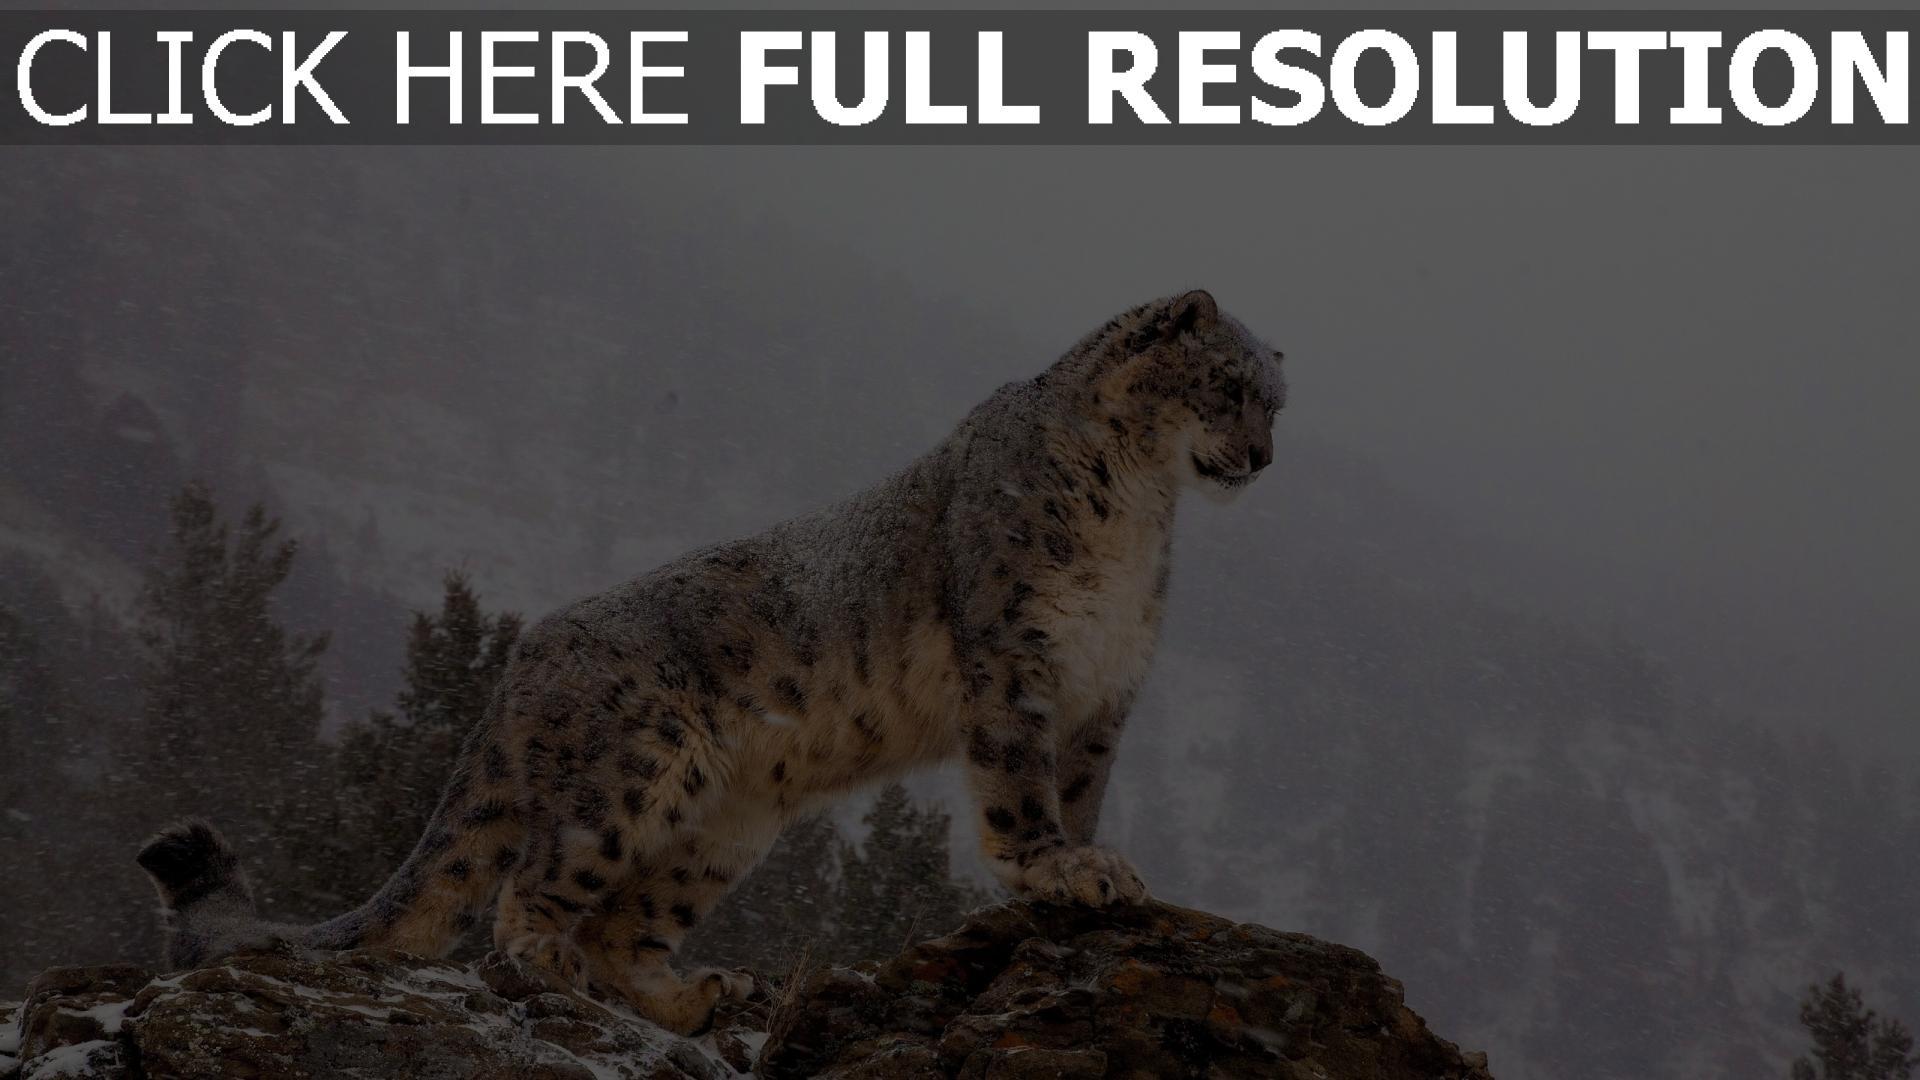 fond d'écran 1920x1080 léopard des neiges montagne himalaya gros plan